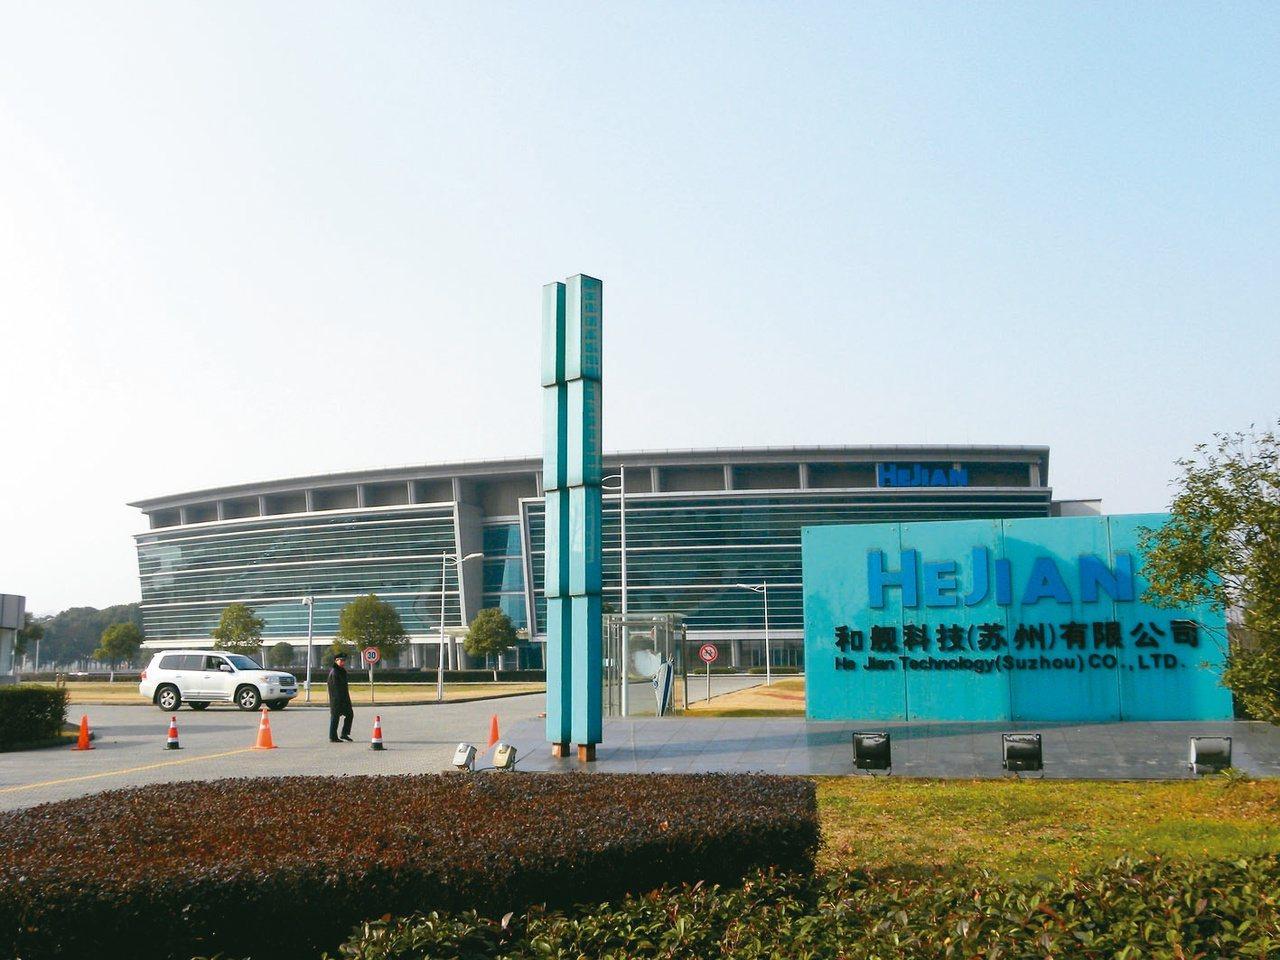 聯電宣布中止子公司和艦晶片製造在上海證券交易所的上市案。(本報系資料庫)